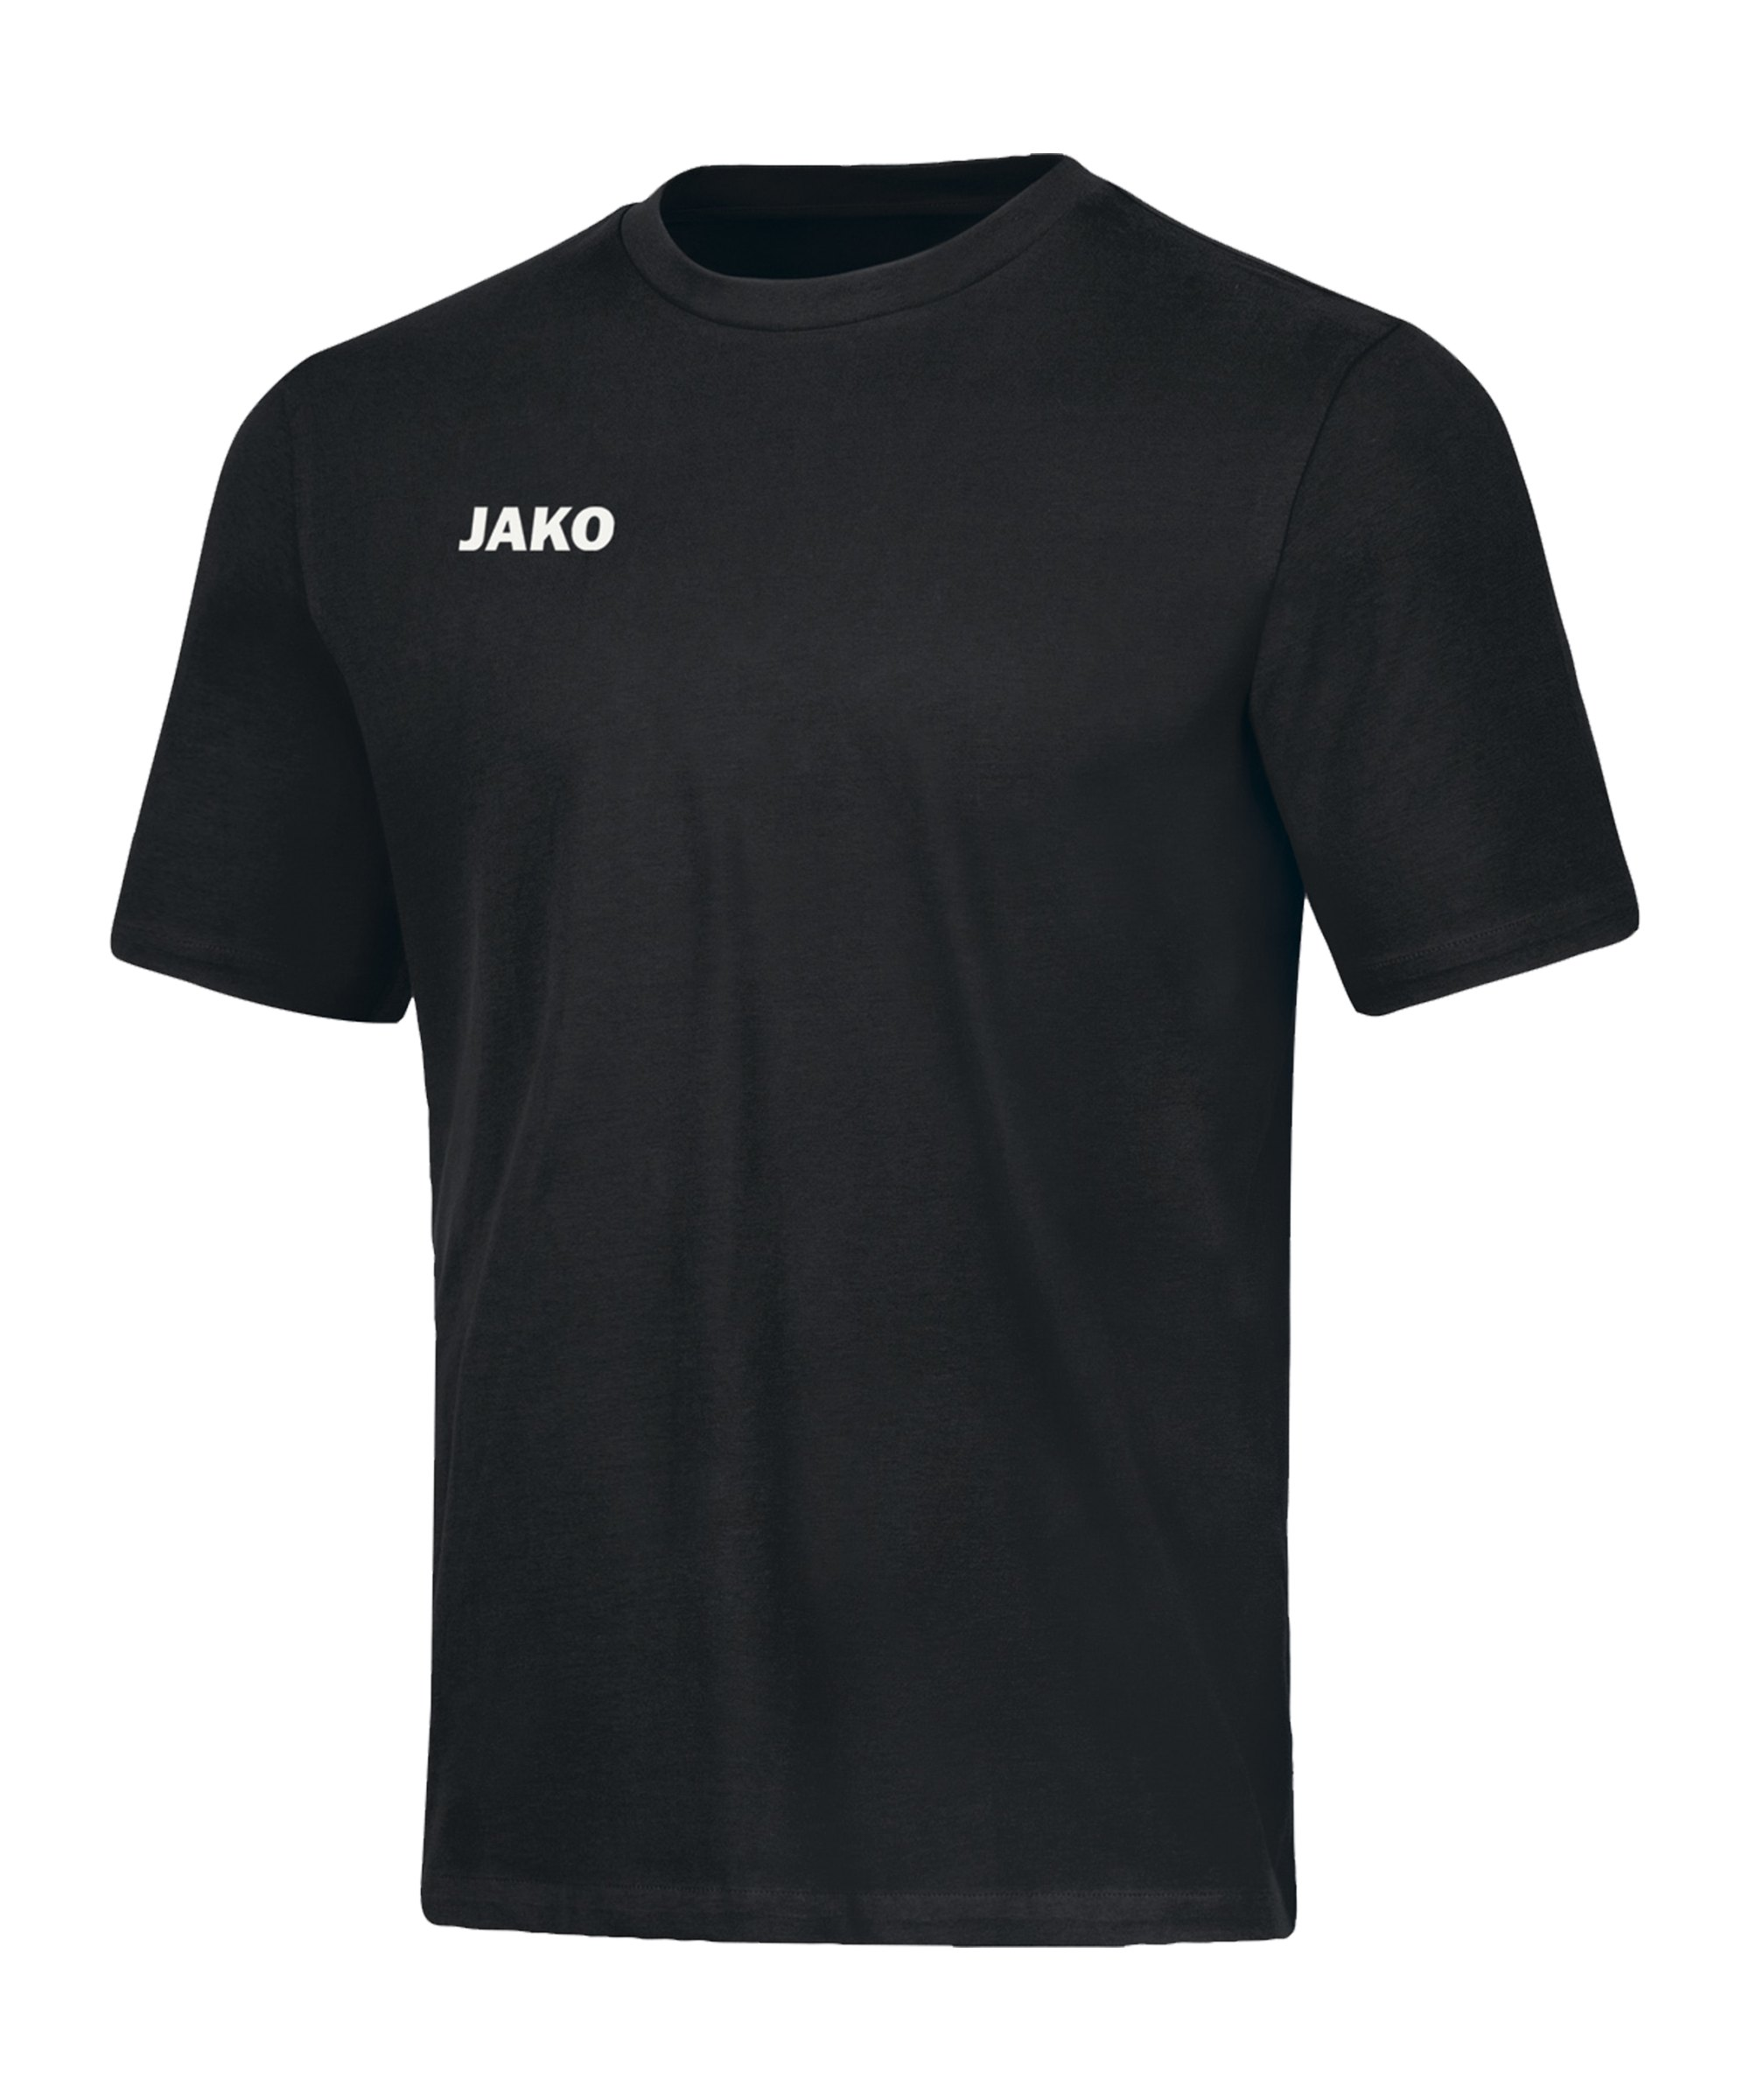 JAKO Base T-Shirt Kids Schwarz F08 - schwarz